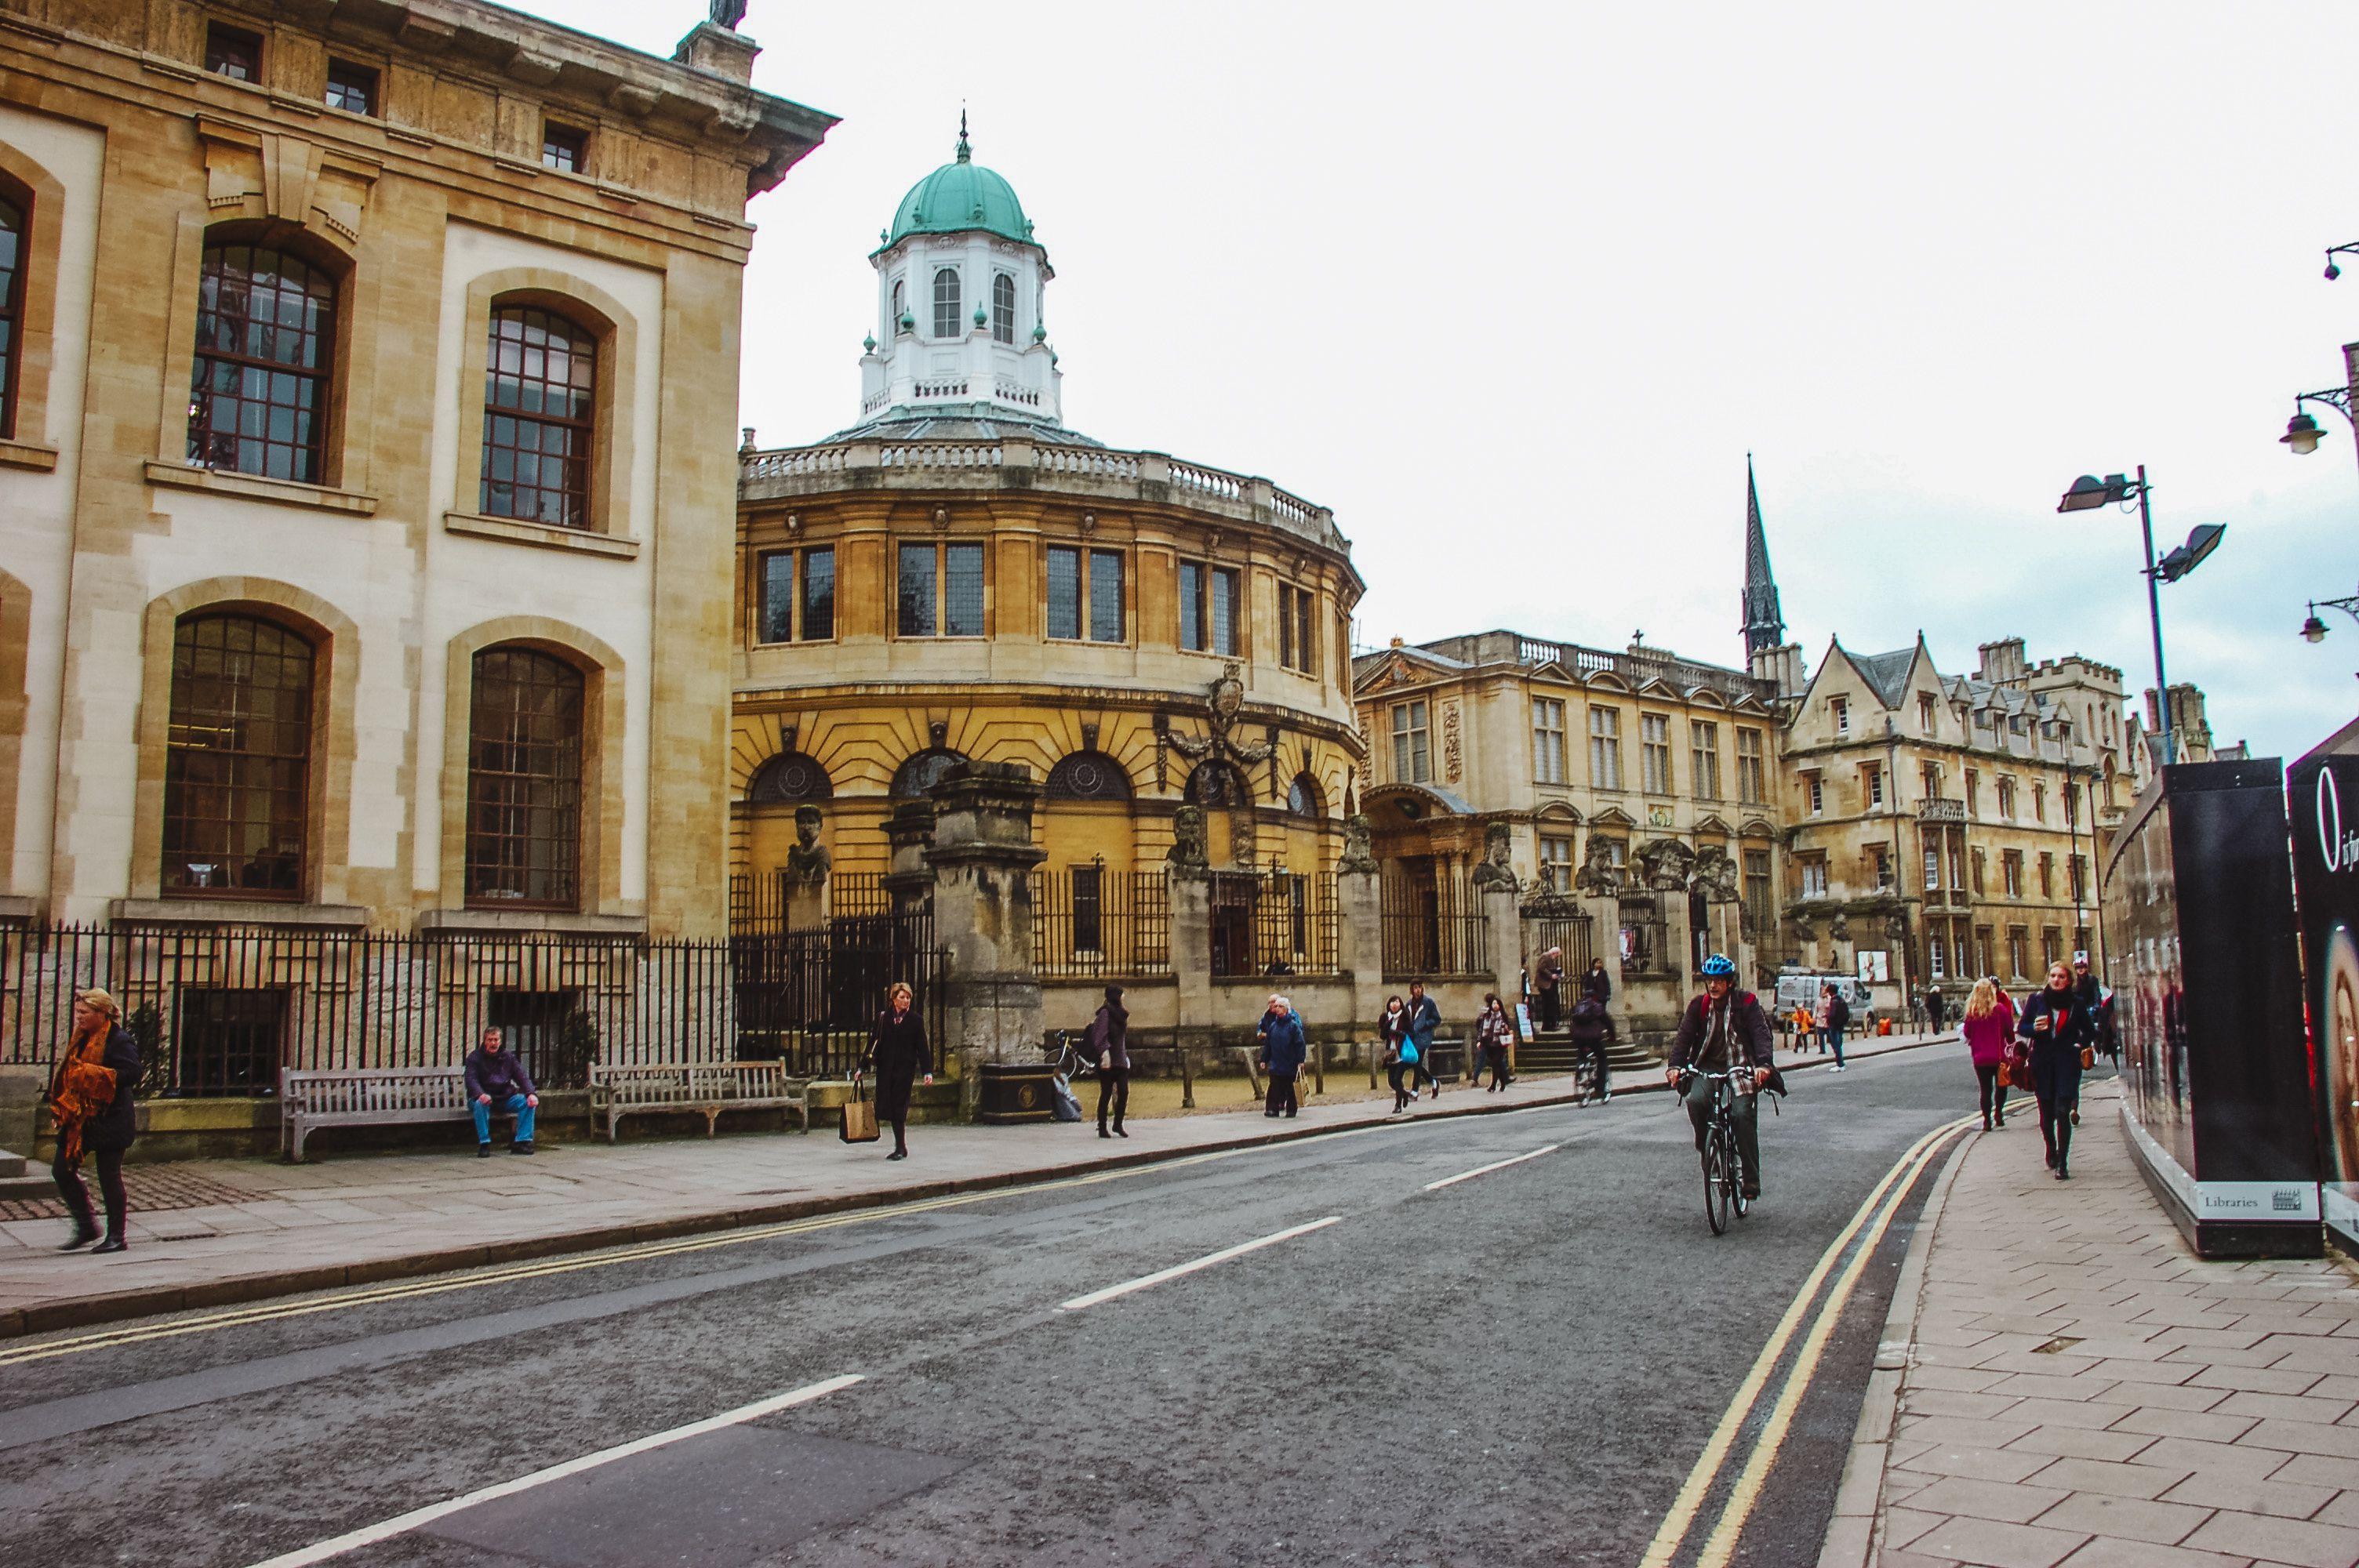 Una calle en Oxford